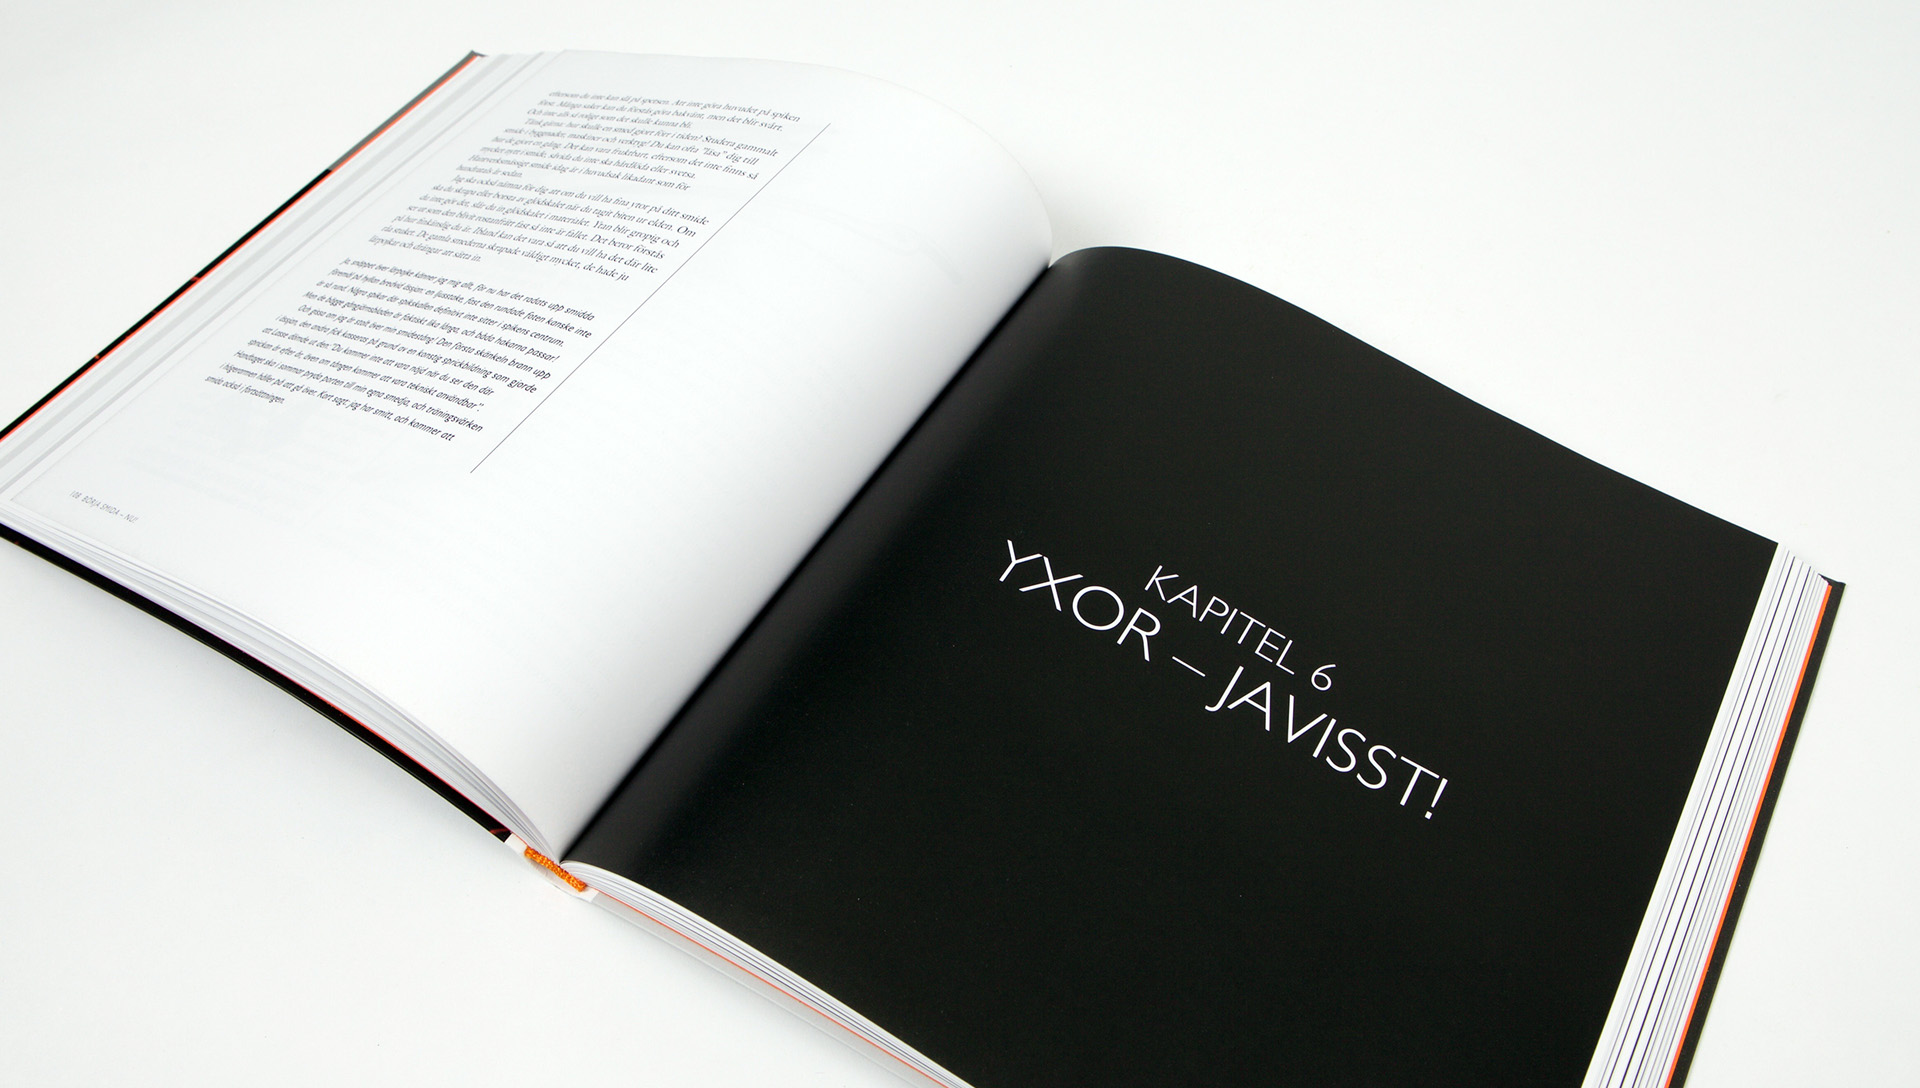 Nya Järnsmidesboken6